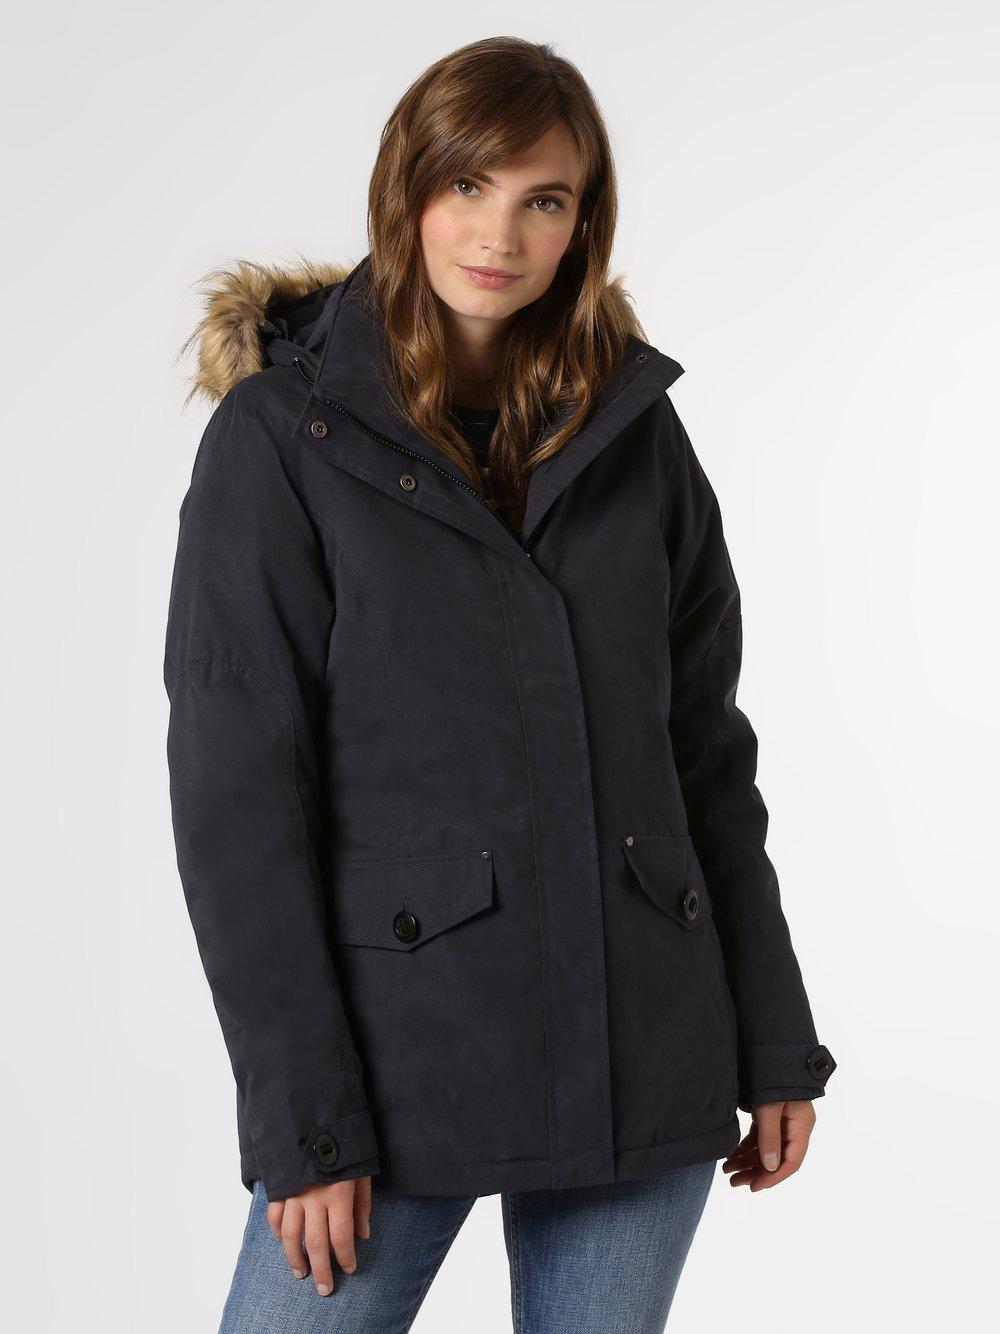 Marie Lund - Damski płaszcz funkcyjny, niebieski